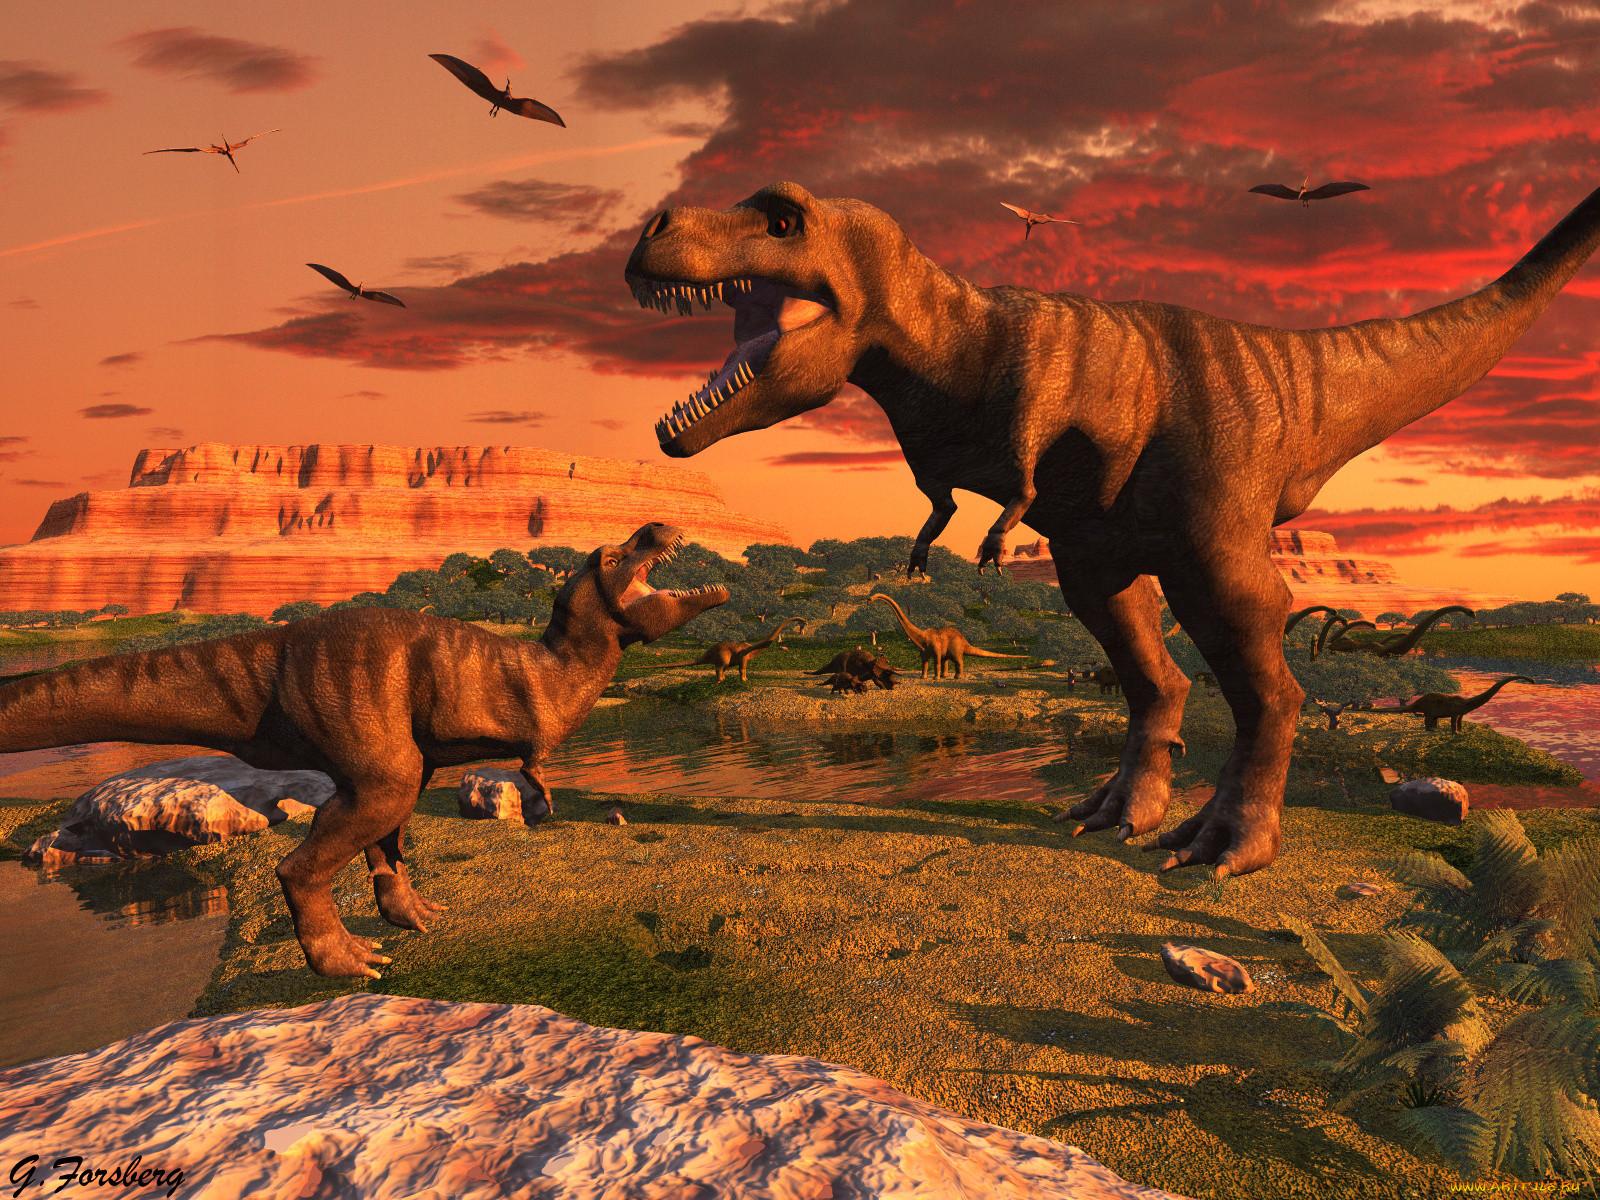 глобал картинки динозавров в хорошем разрешении показаны новые модели